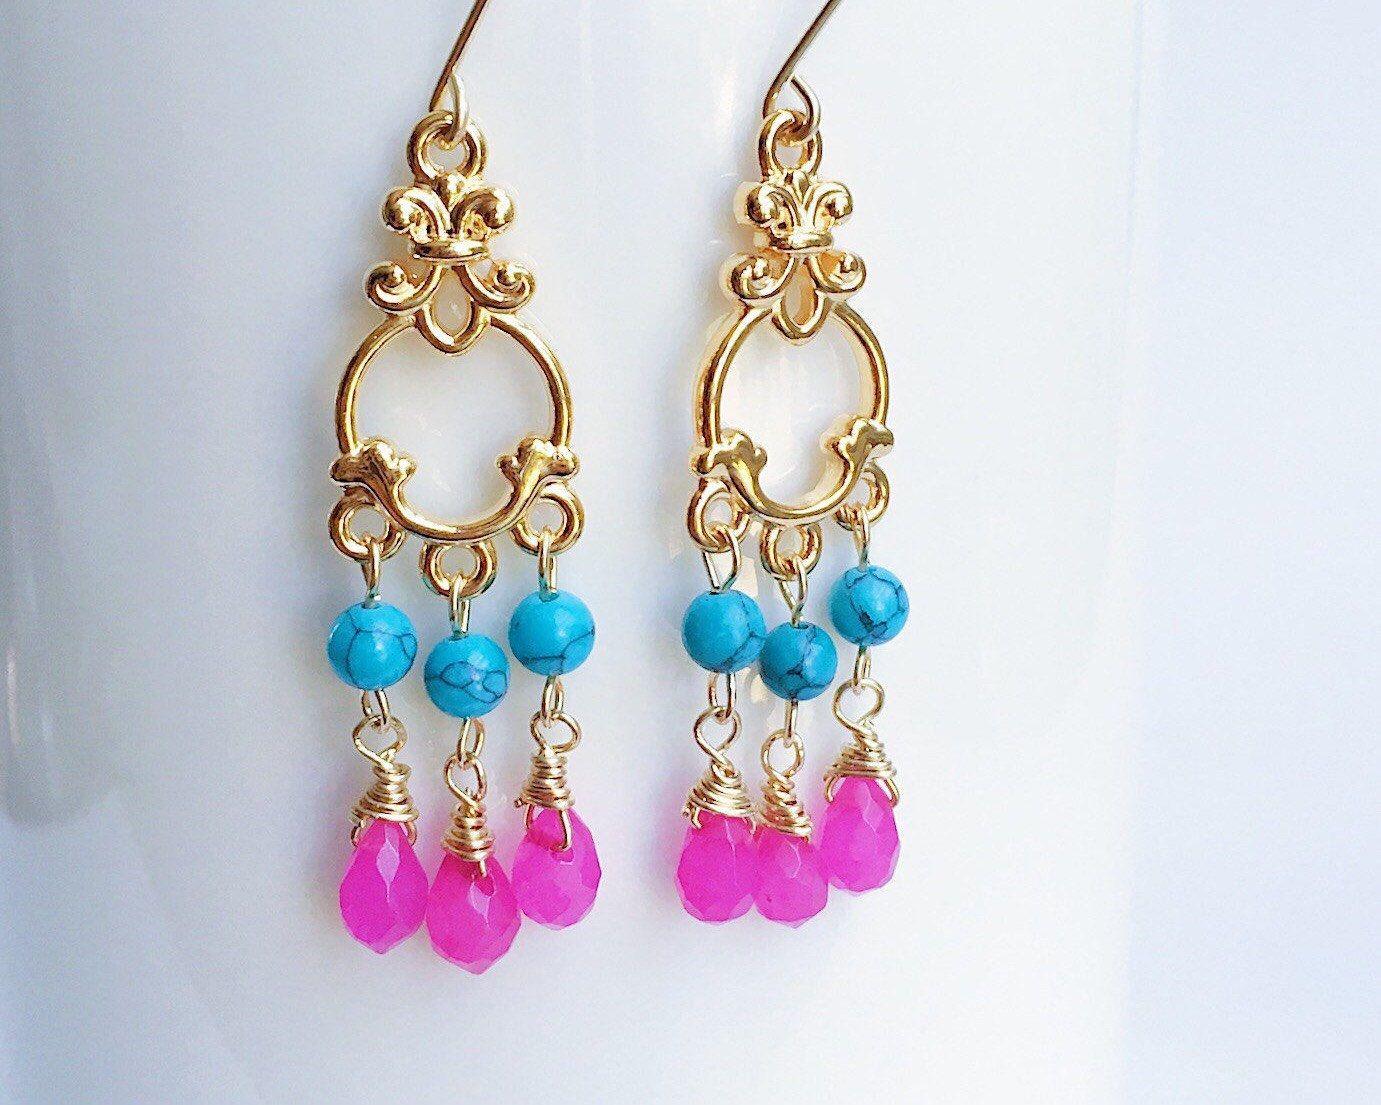 Teardrop Chandelier Earrings, Wire Wrapped Teardrop Earrings, Hot ...